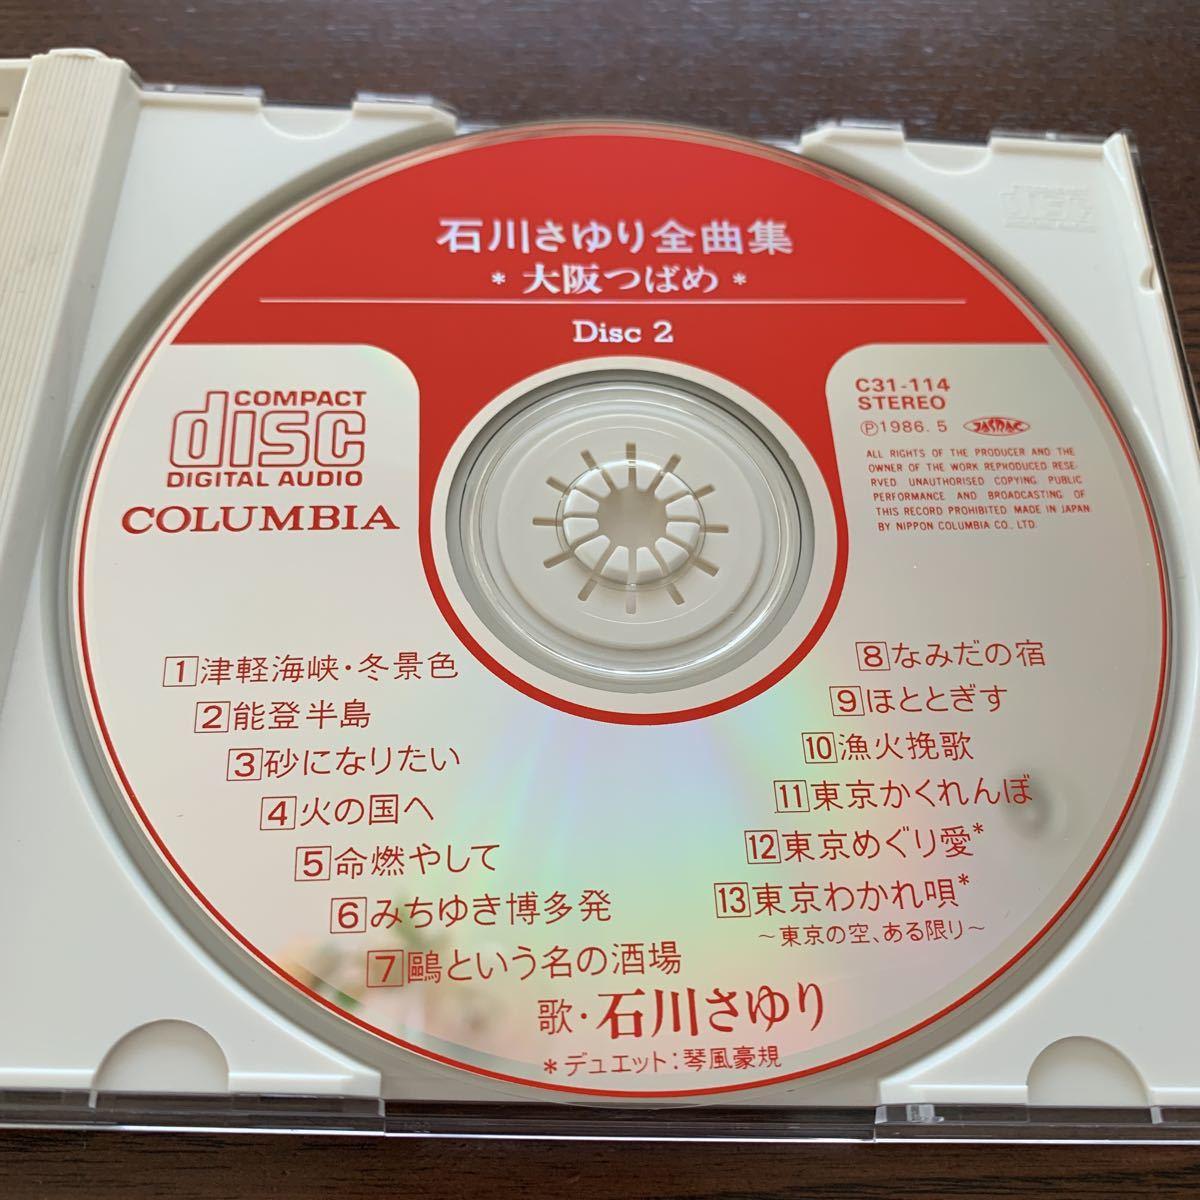 8☆ 石川さゆり 全曲集 大阪つばめ 歌詞カードにシミ有り_画像4